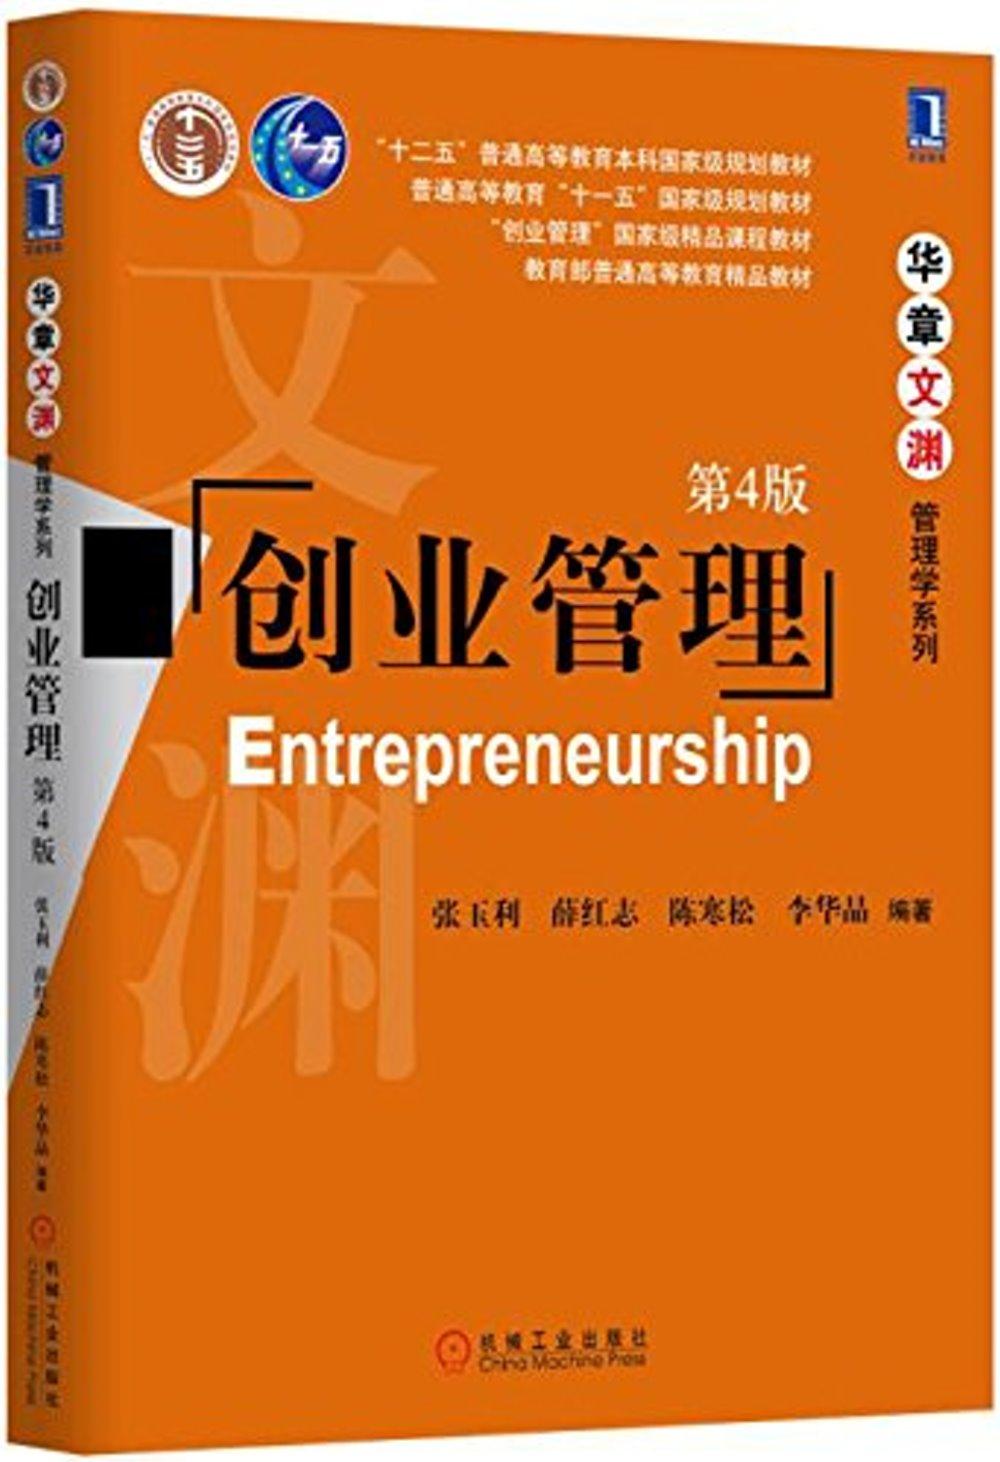 創業管理(第4版)